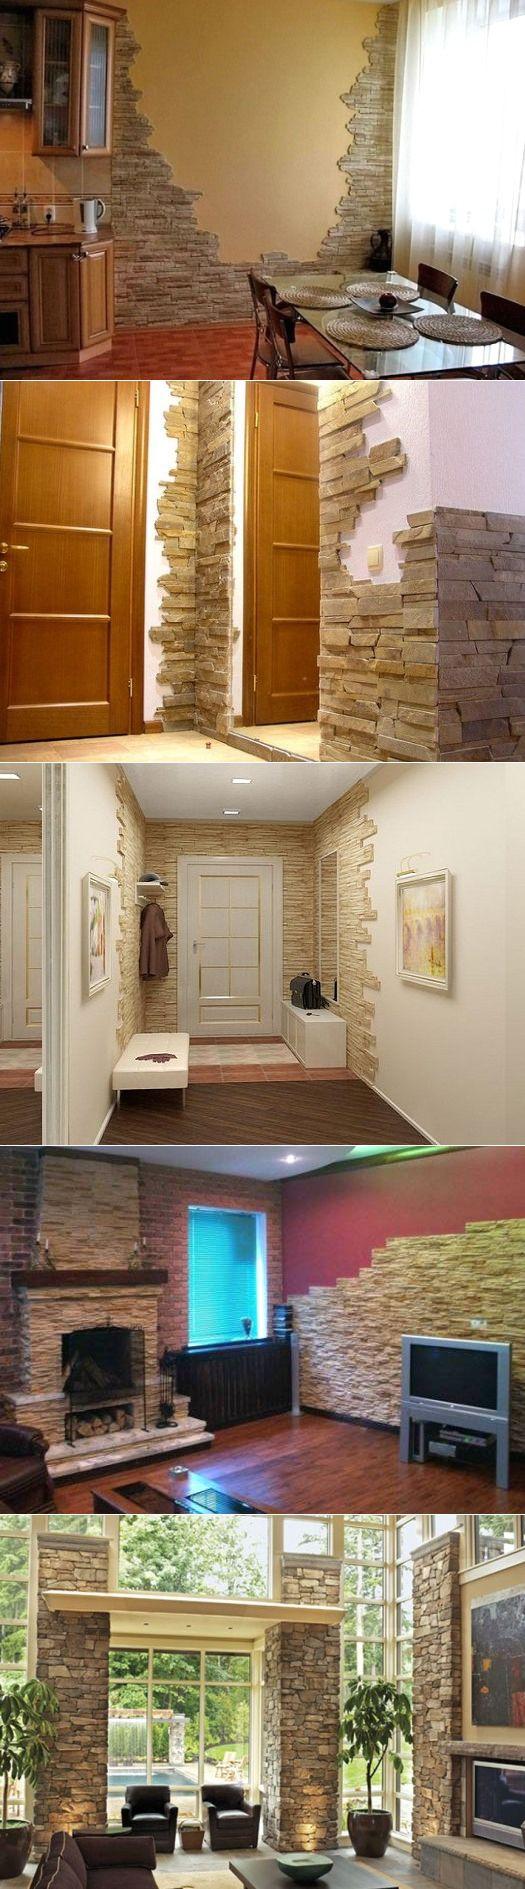 Искусственный камень в интерьере - варианты внутренней отделки комнат, фото